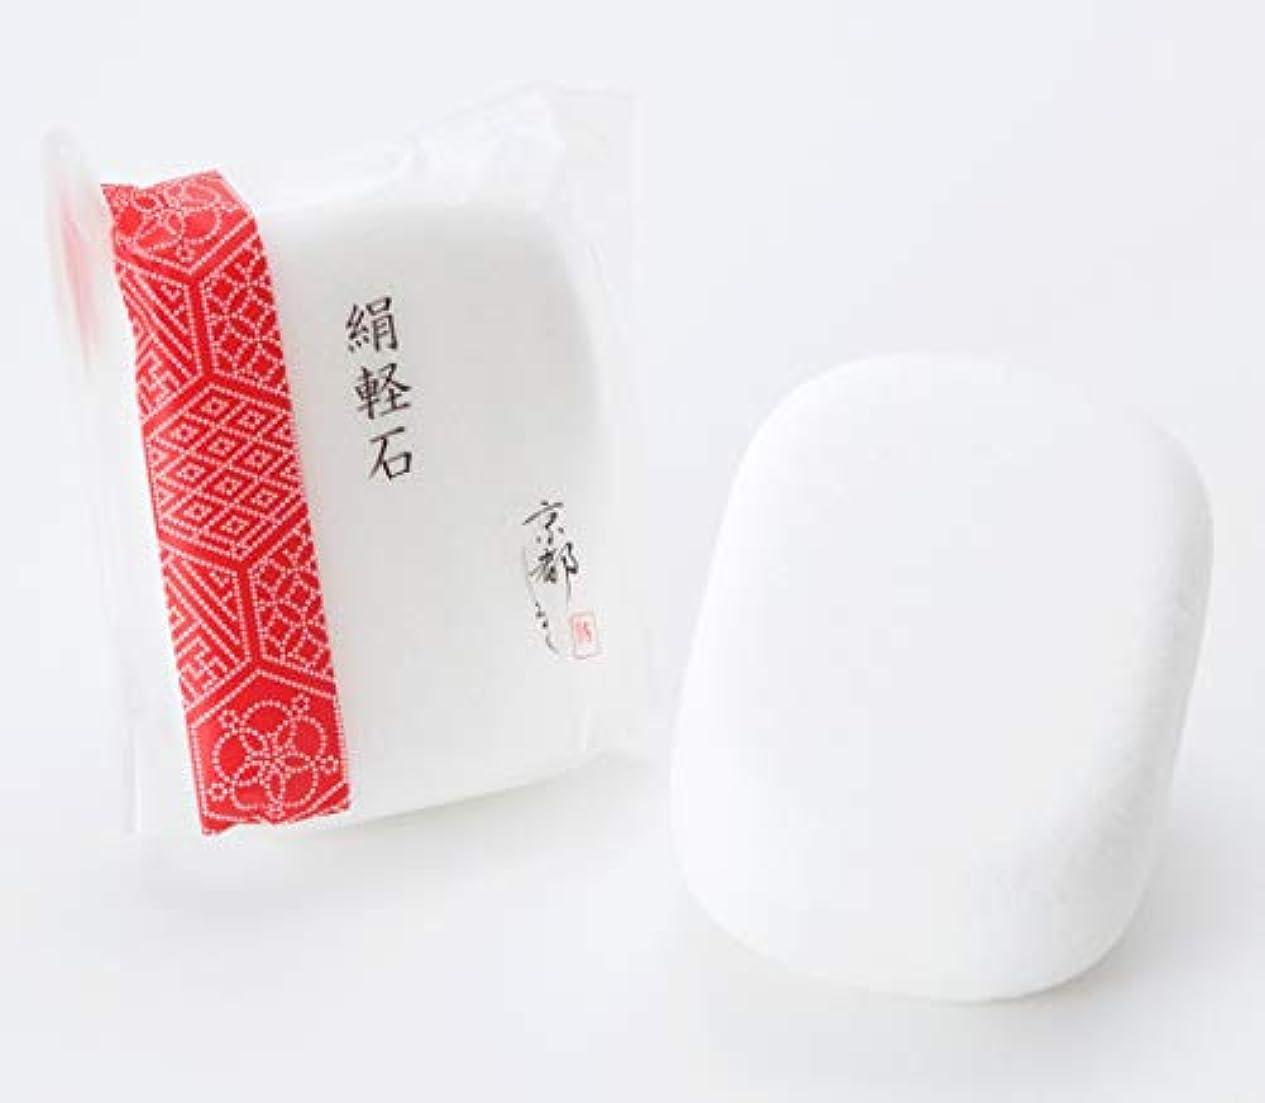 かみそり光景に慣れ京都しるく シルクの軽石【保湿成分シルクパウダー配合】/かかとの角質を落としてツルツル素足に 絹軽石 かかとキレイ かかとつるつる